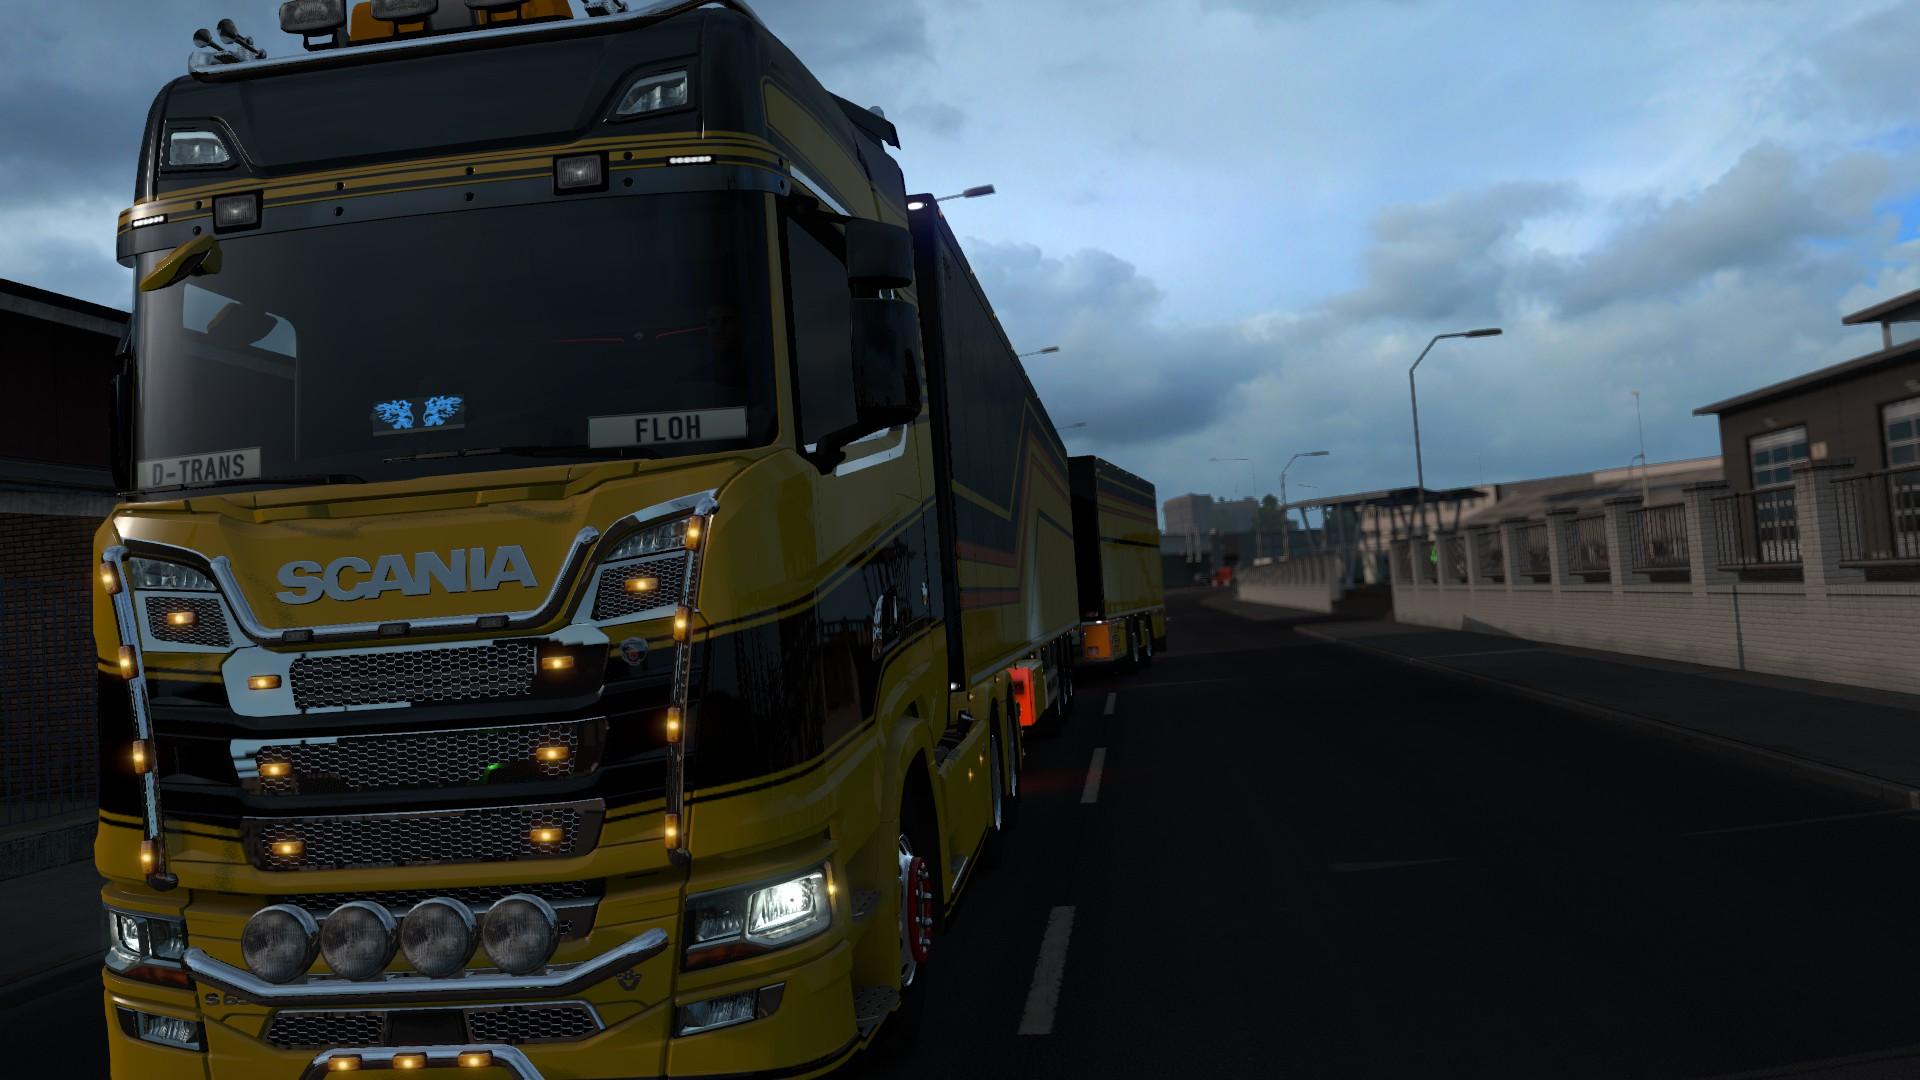 ScaniaS